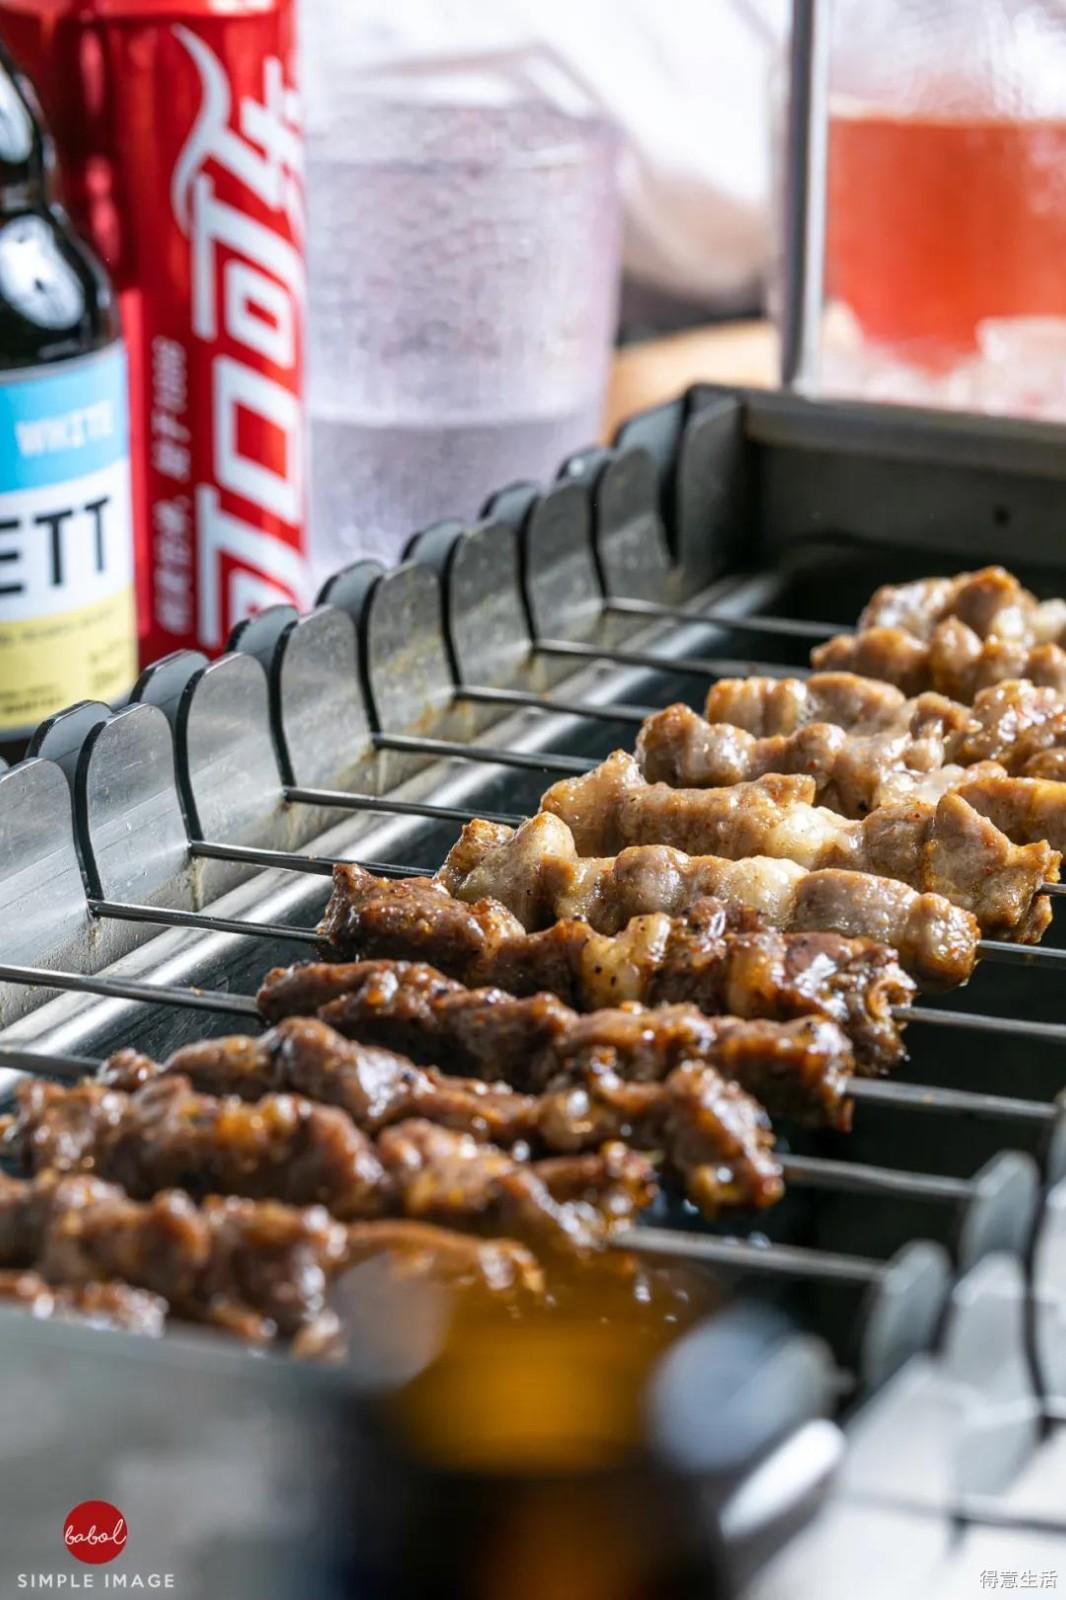 机器负责烤,你就负责吃,比男朋友还贴心的烤串你吃了没?